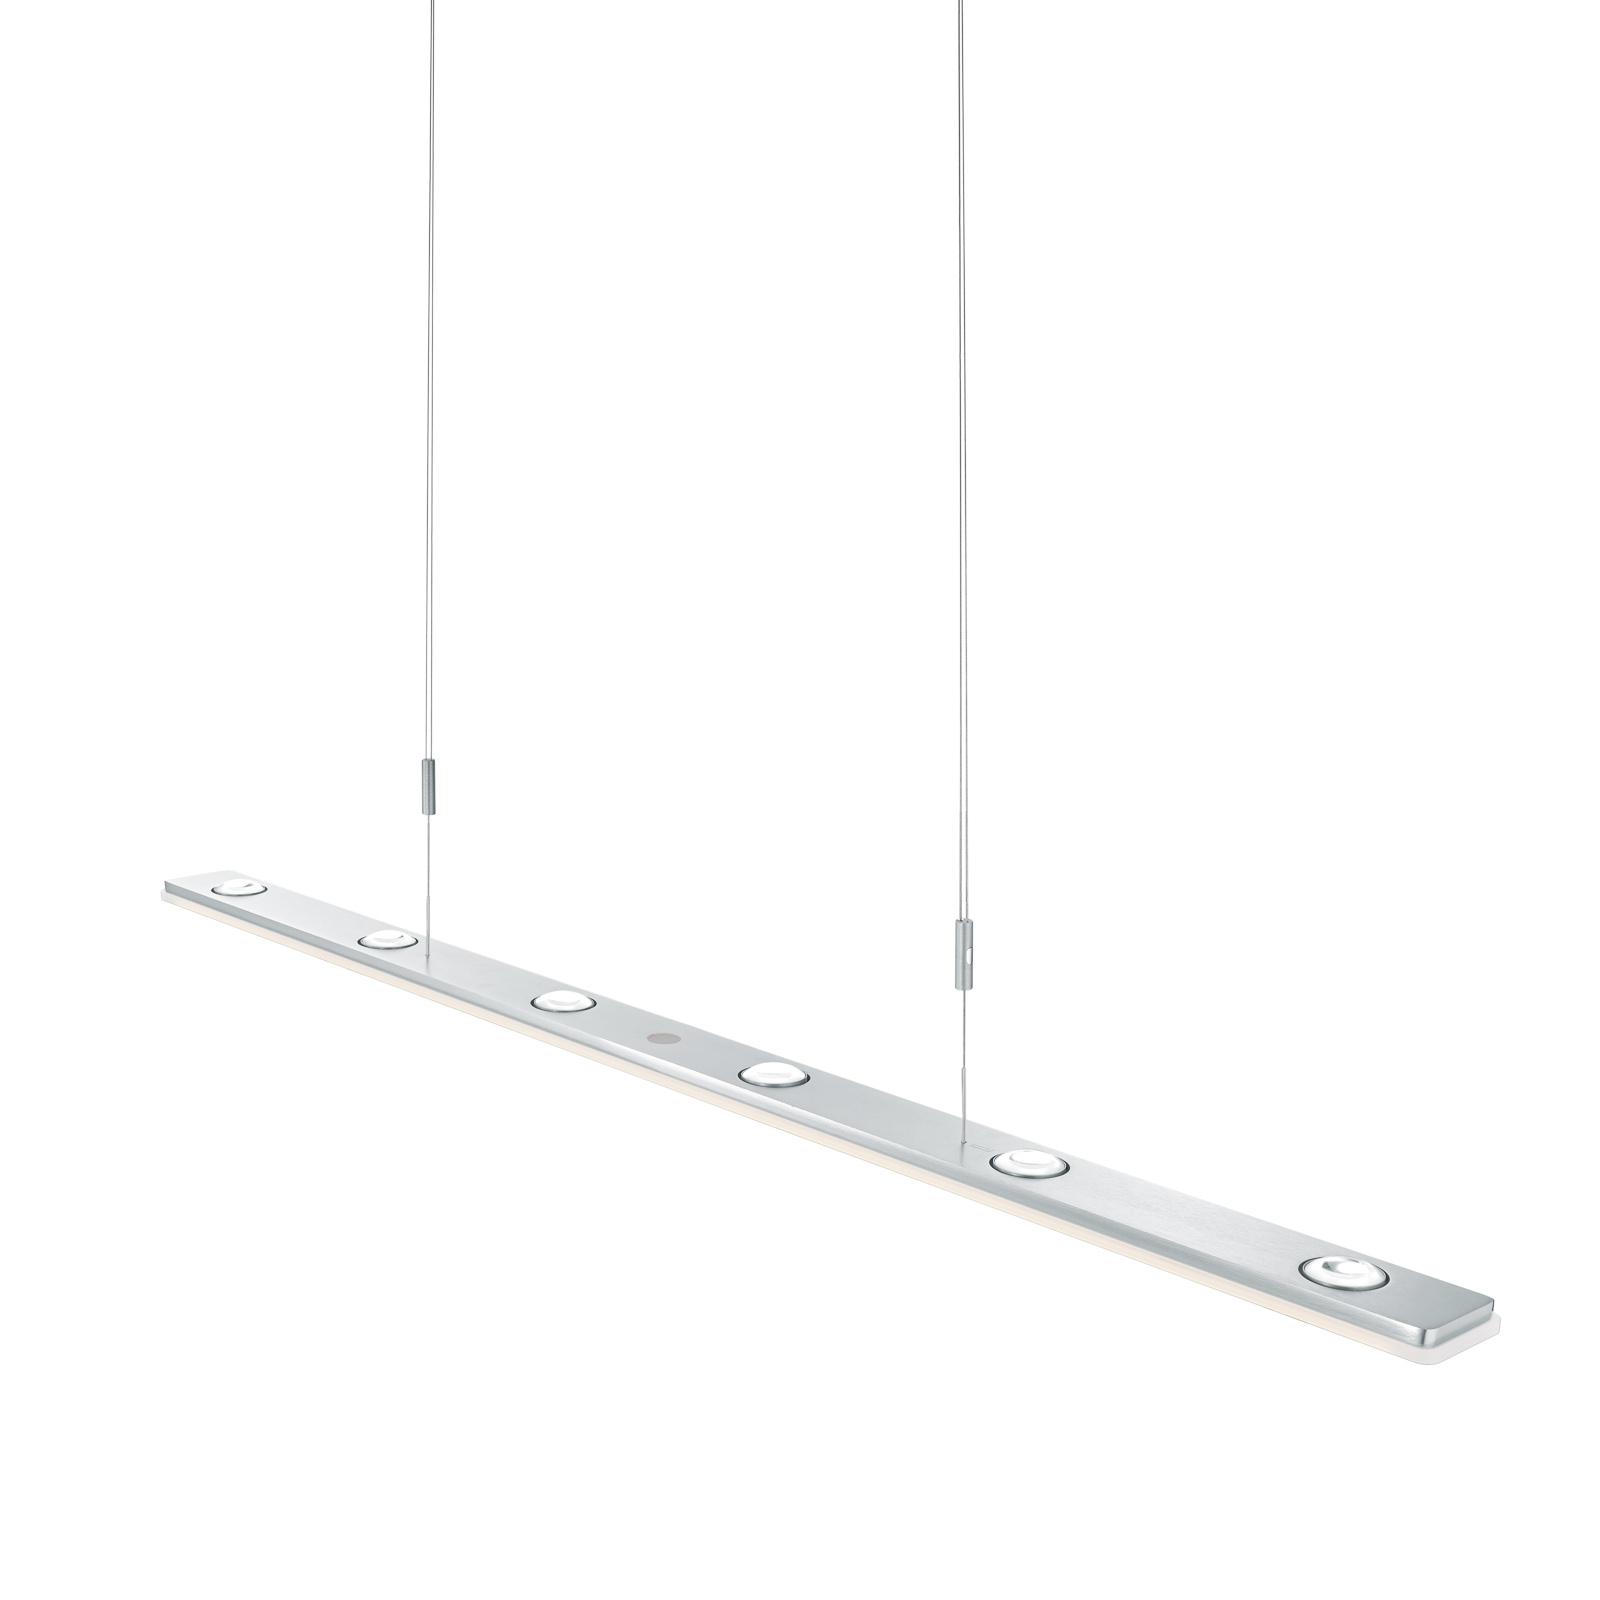 BANKAMP Caro LED-Hängeleuchte, aluminium